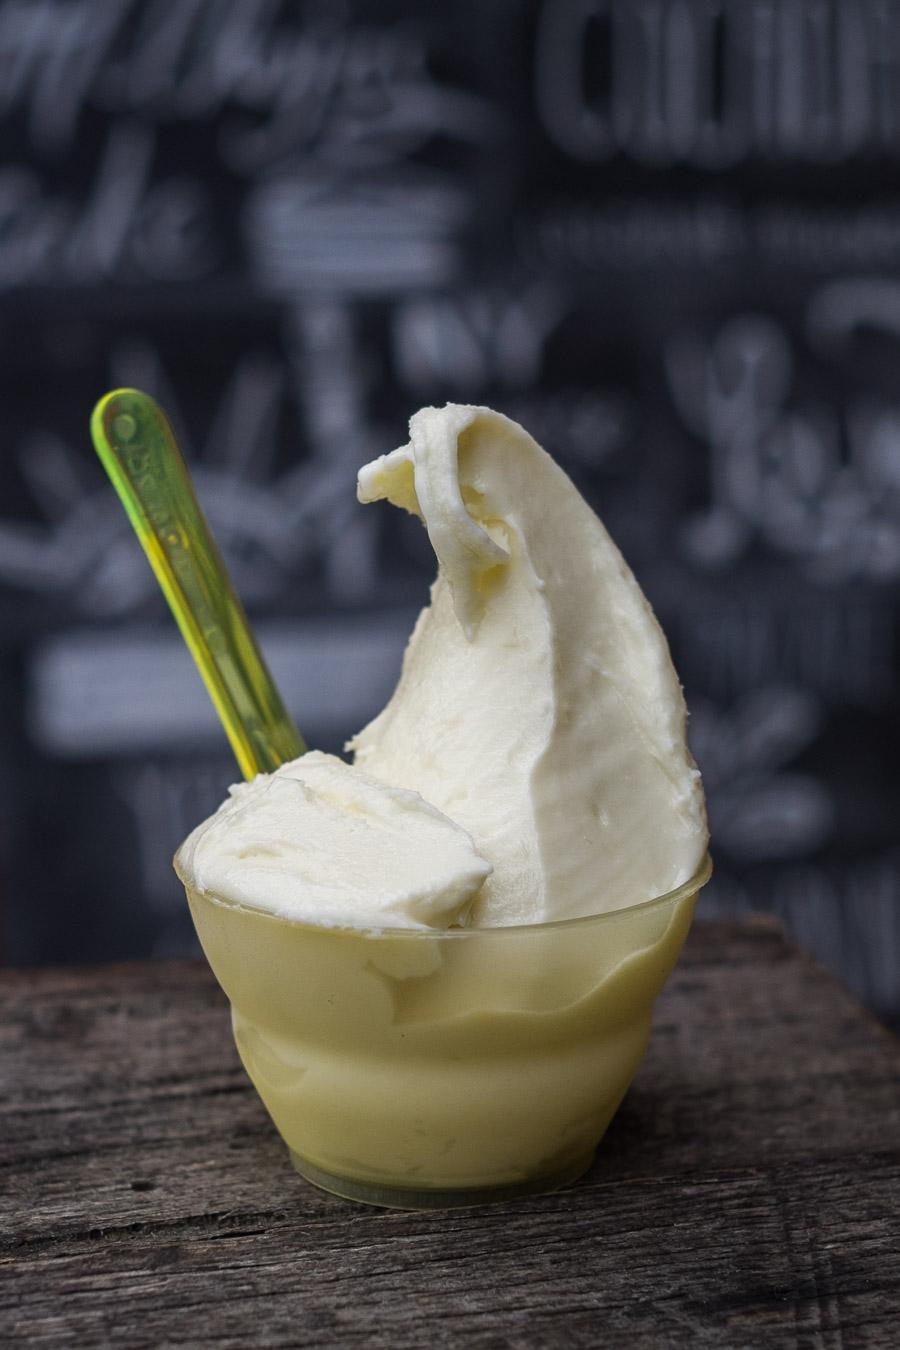 Helados Jauja - durian ice cream